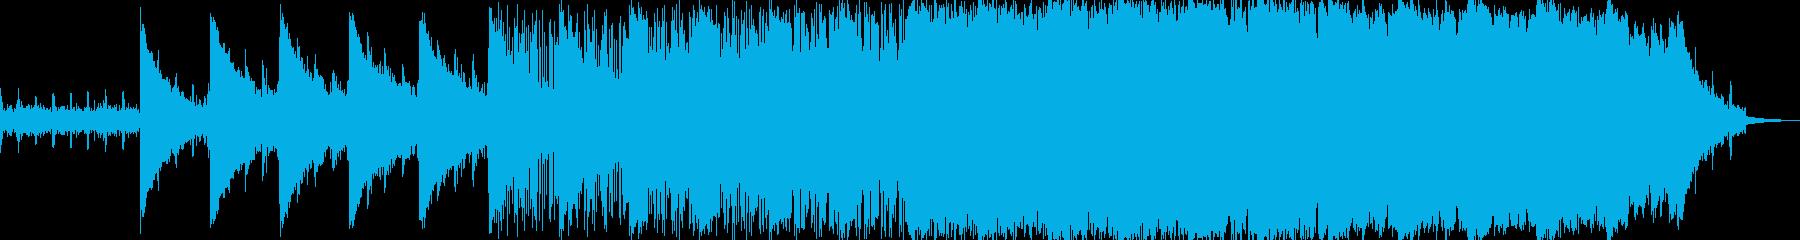 わくわく 宇宙 感動 ローファイテクノの再生済みの波形